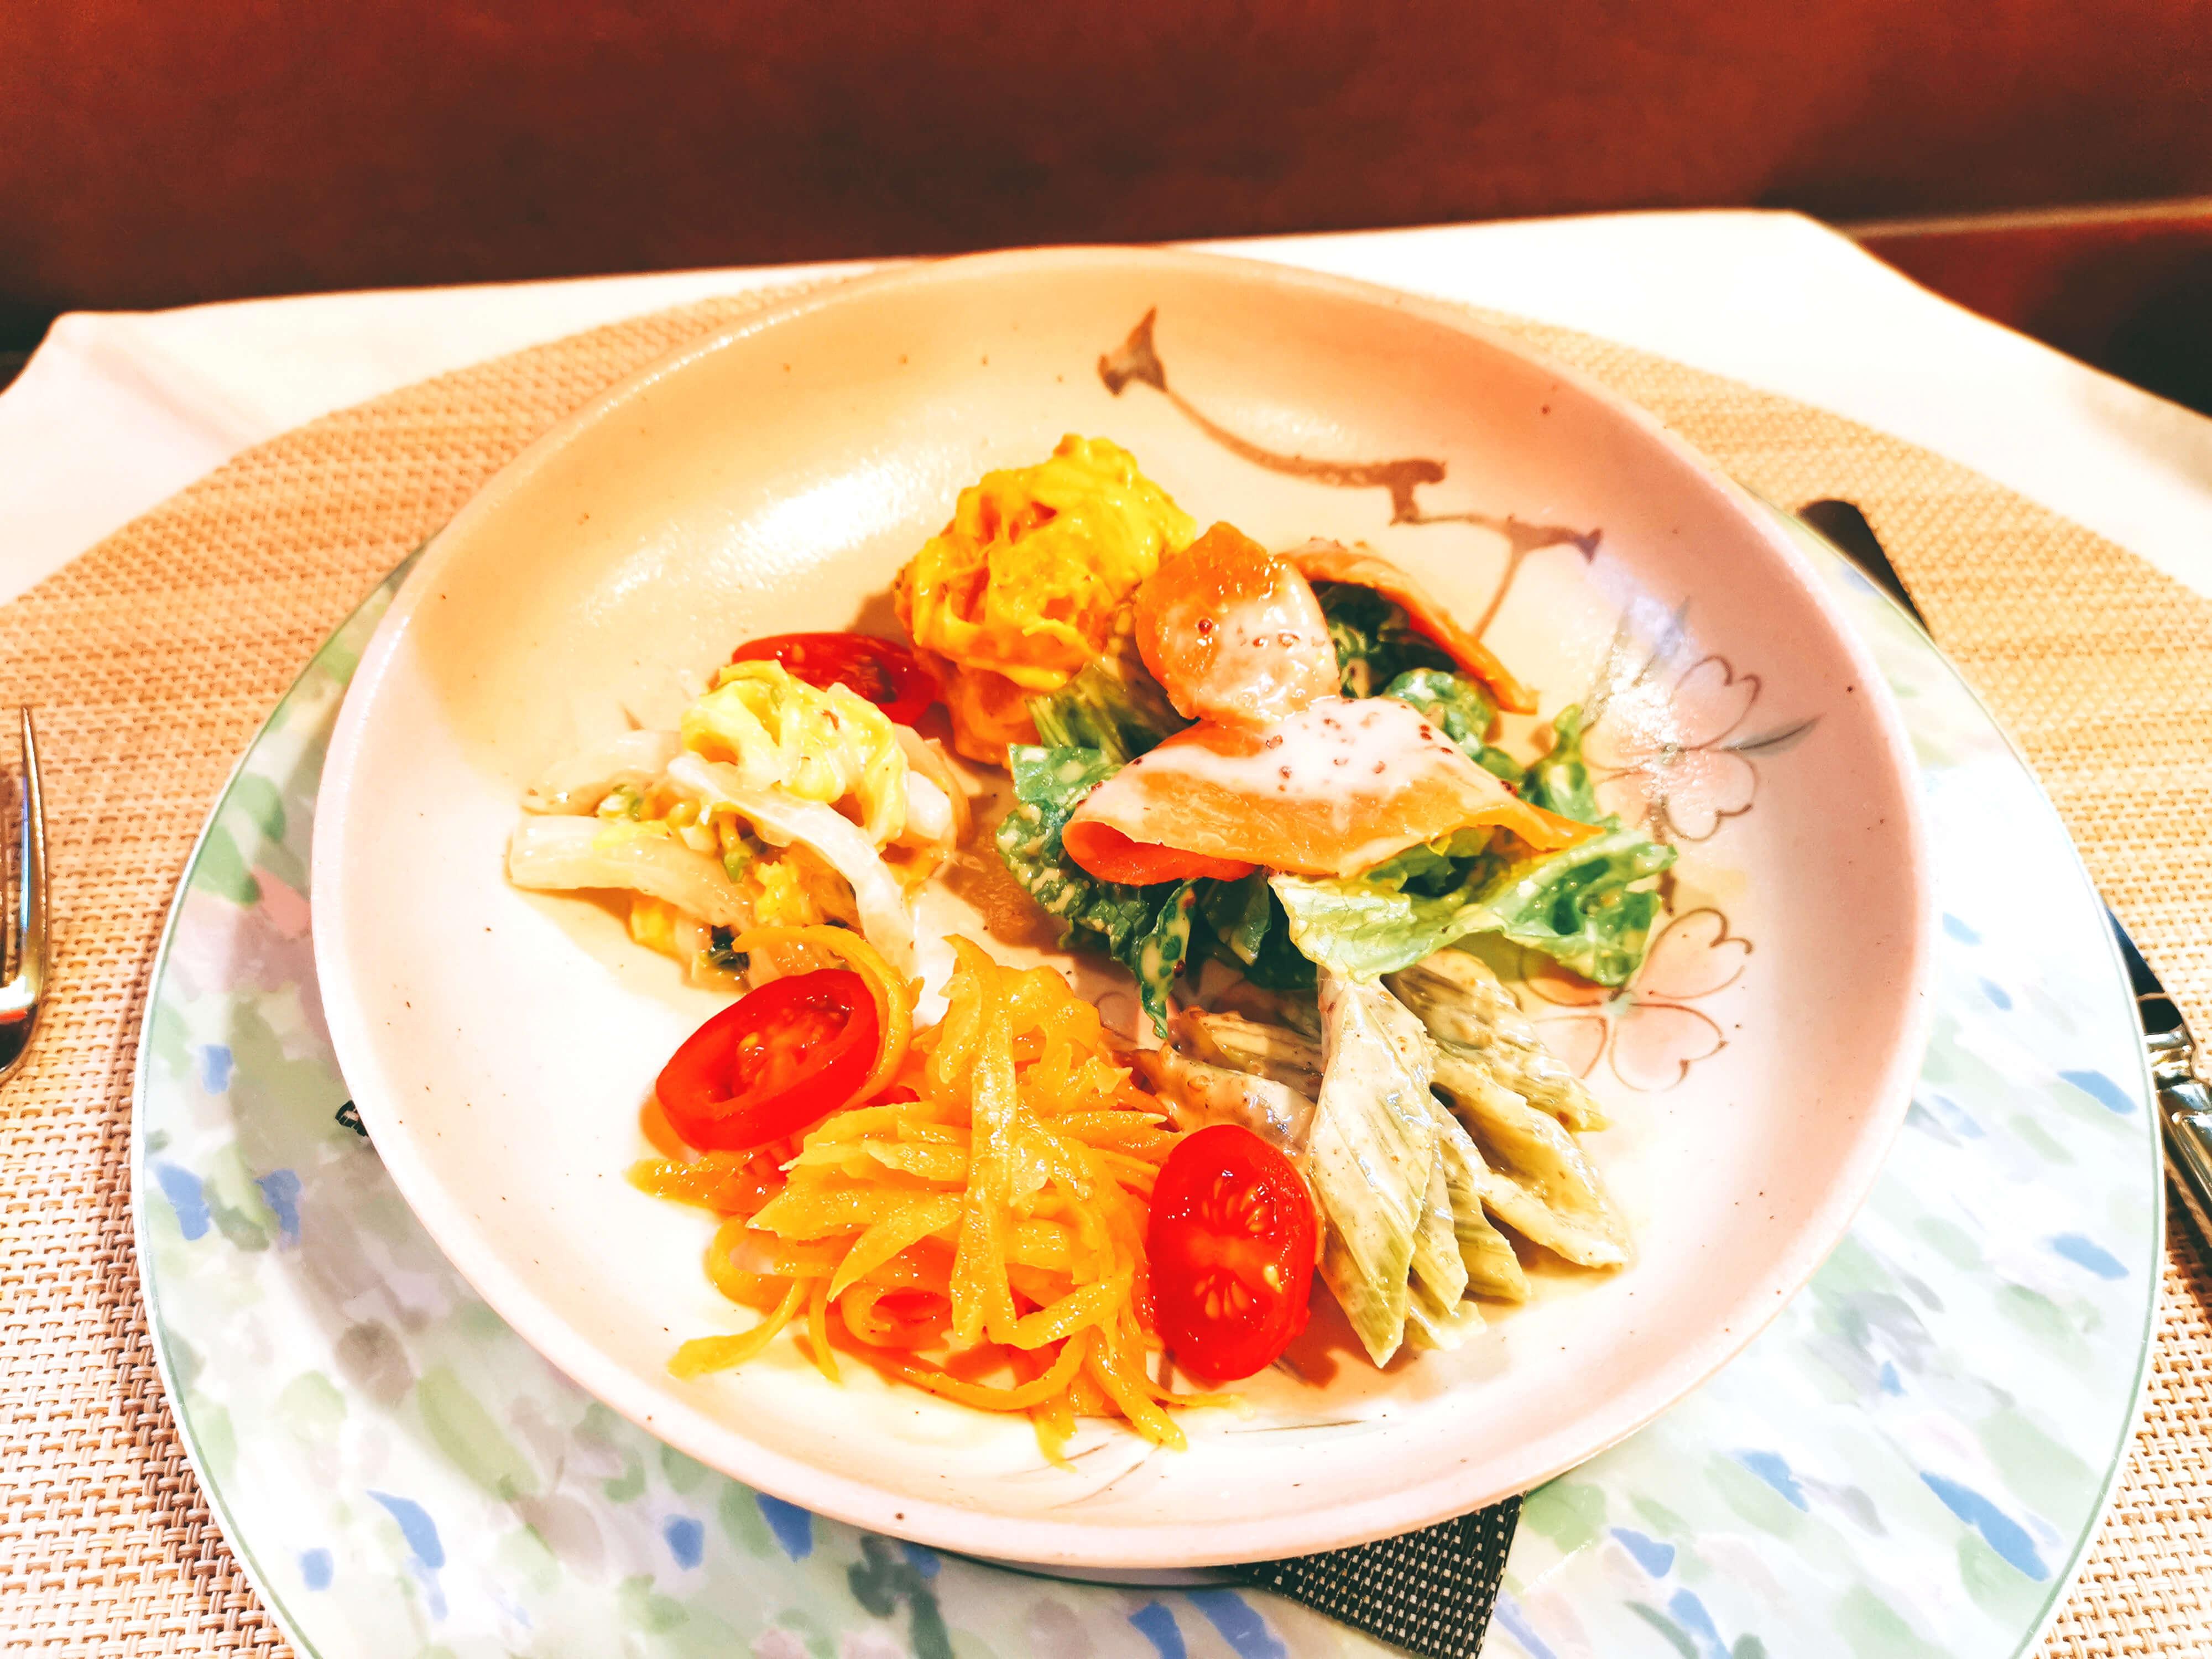 スモークサーモンと彩りマリネサラダの盛り合わせ